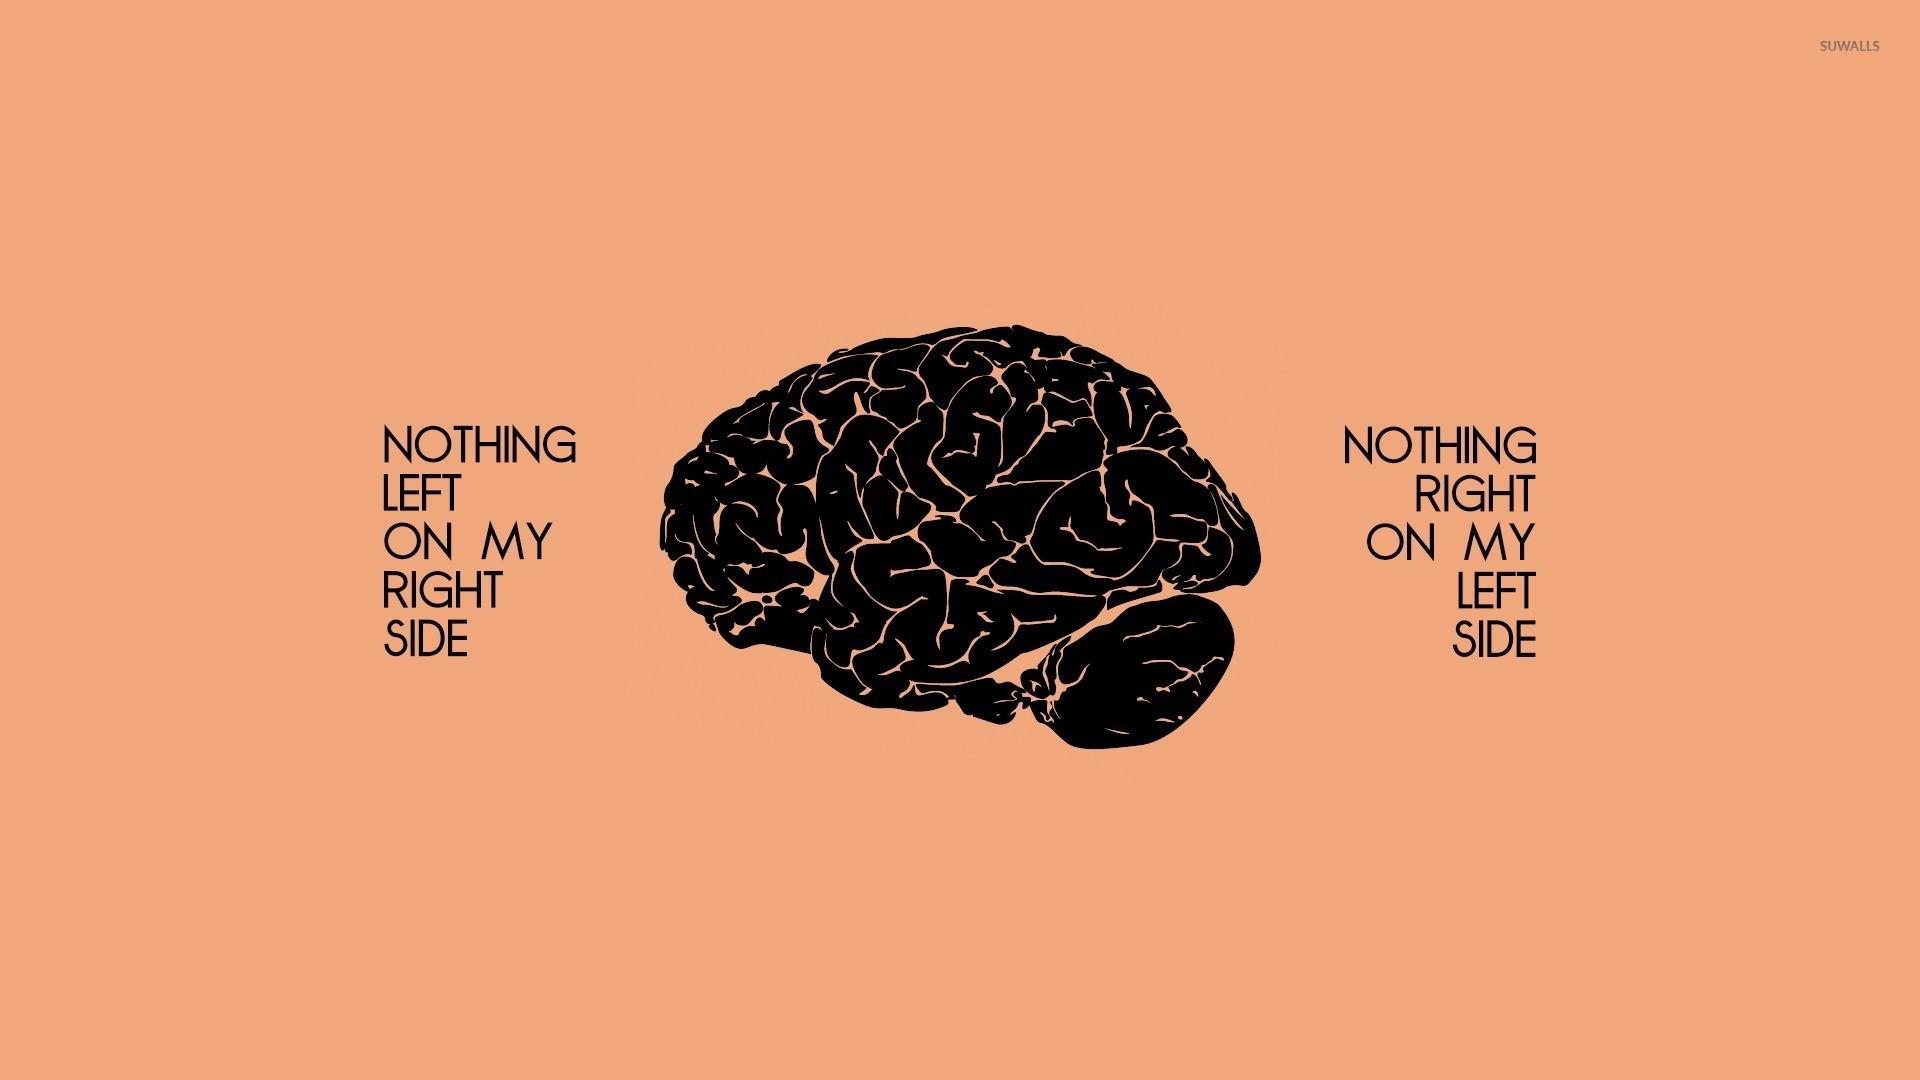 brain anatomy wallpaper 183��